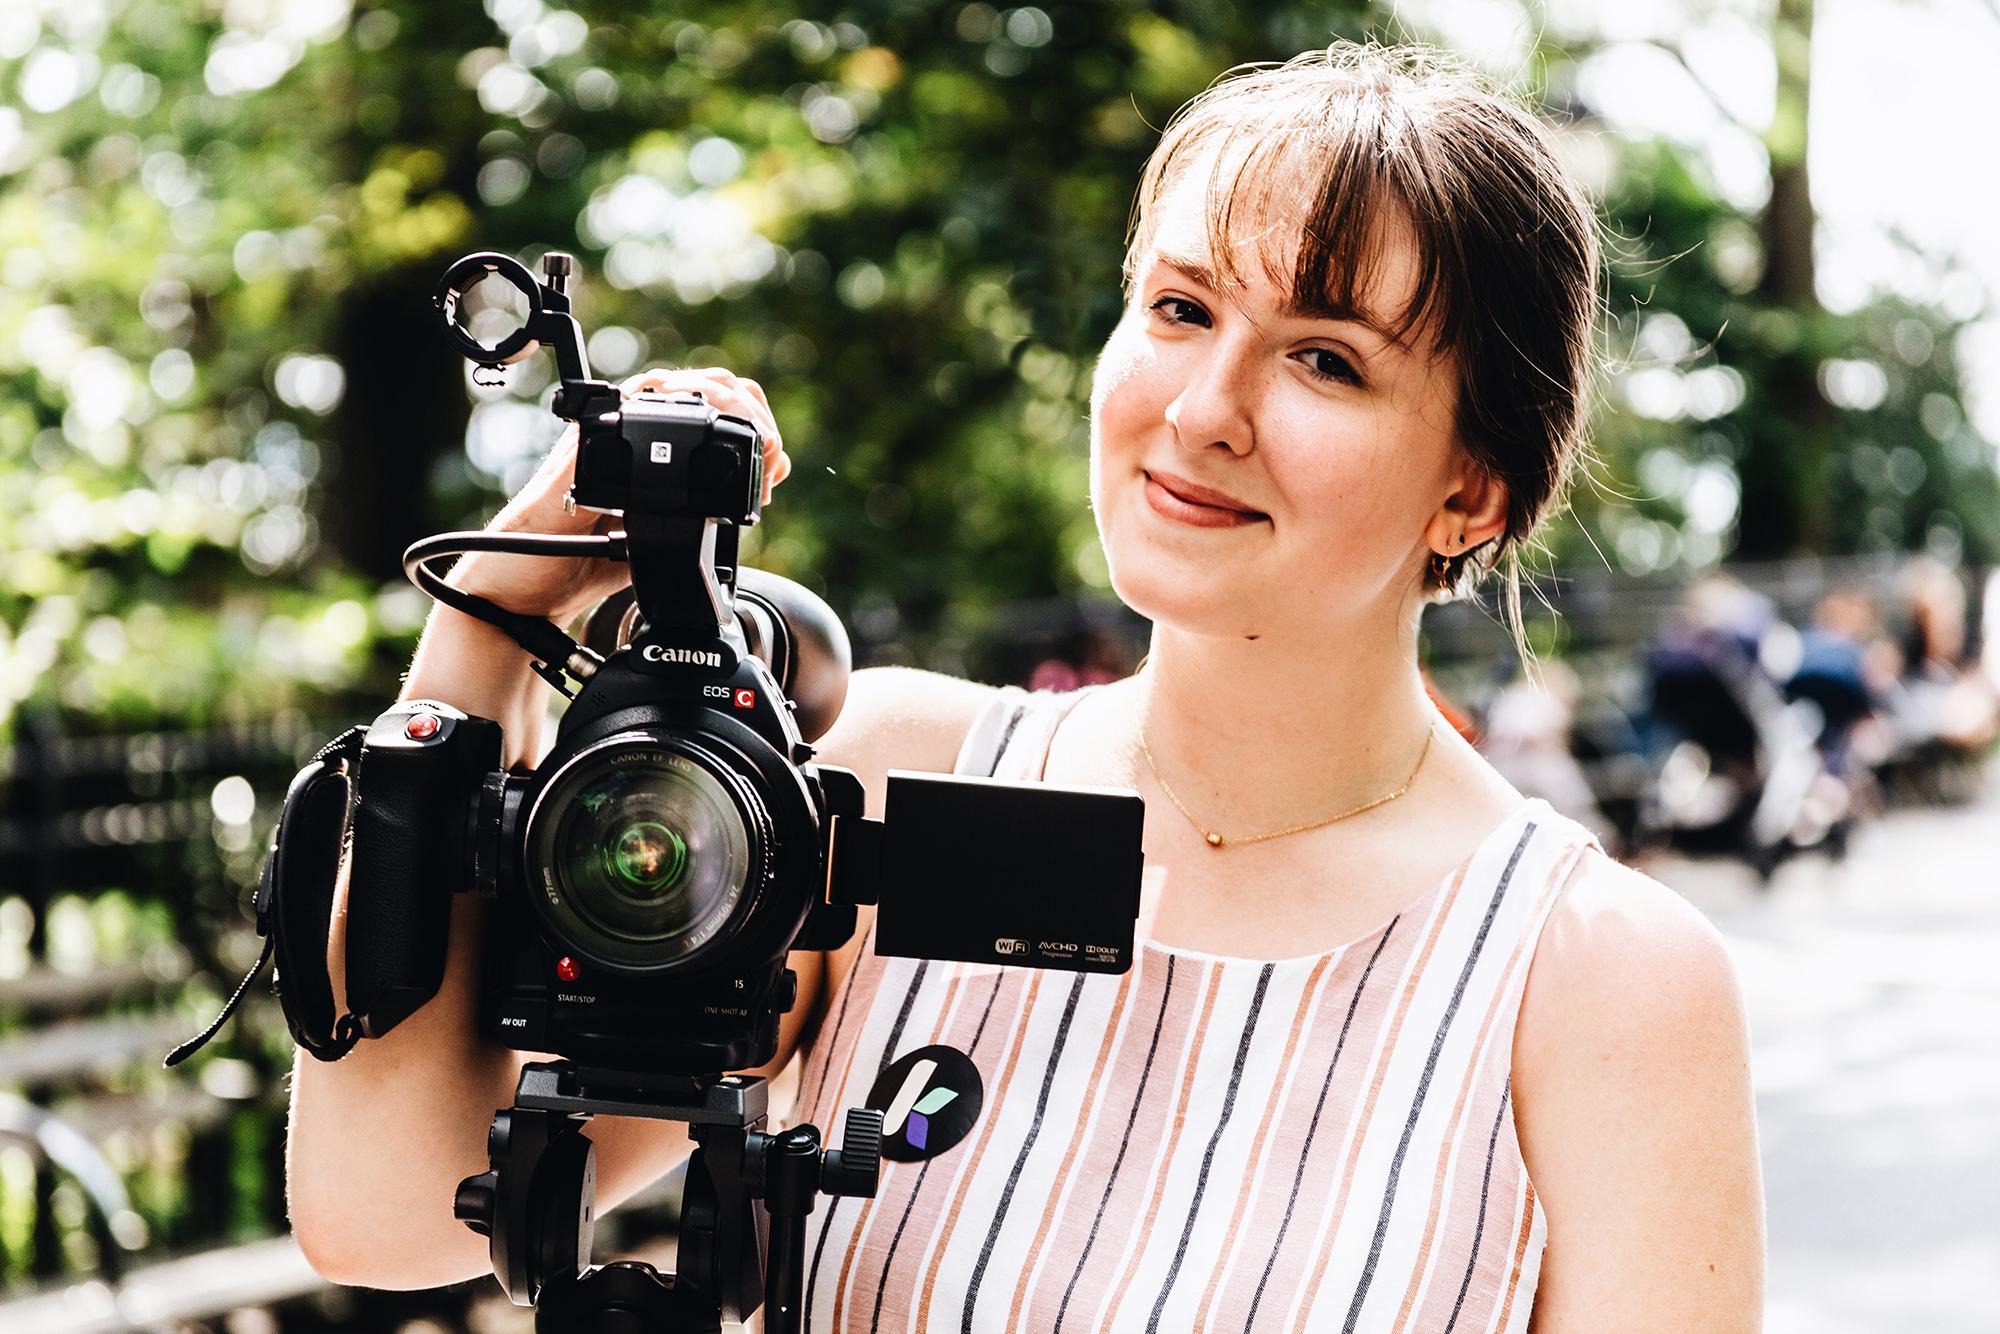 Trisha Pickelhaube stands behind a camera on a tripod.